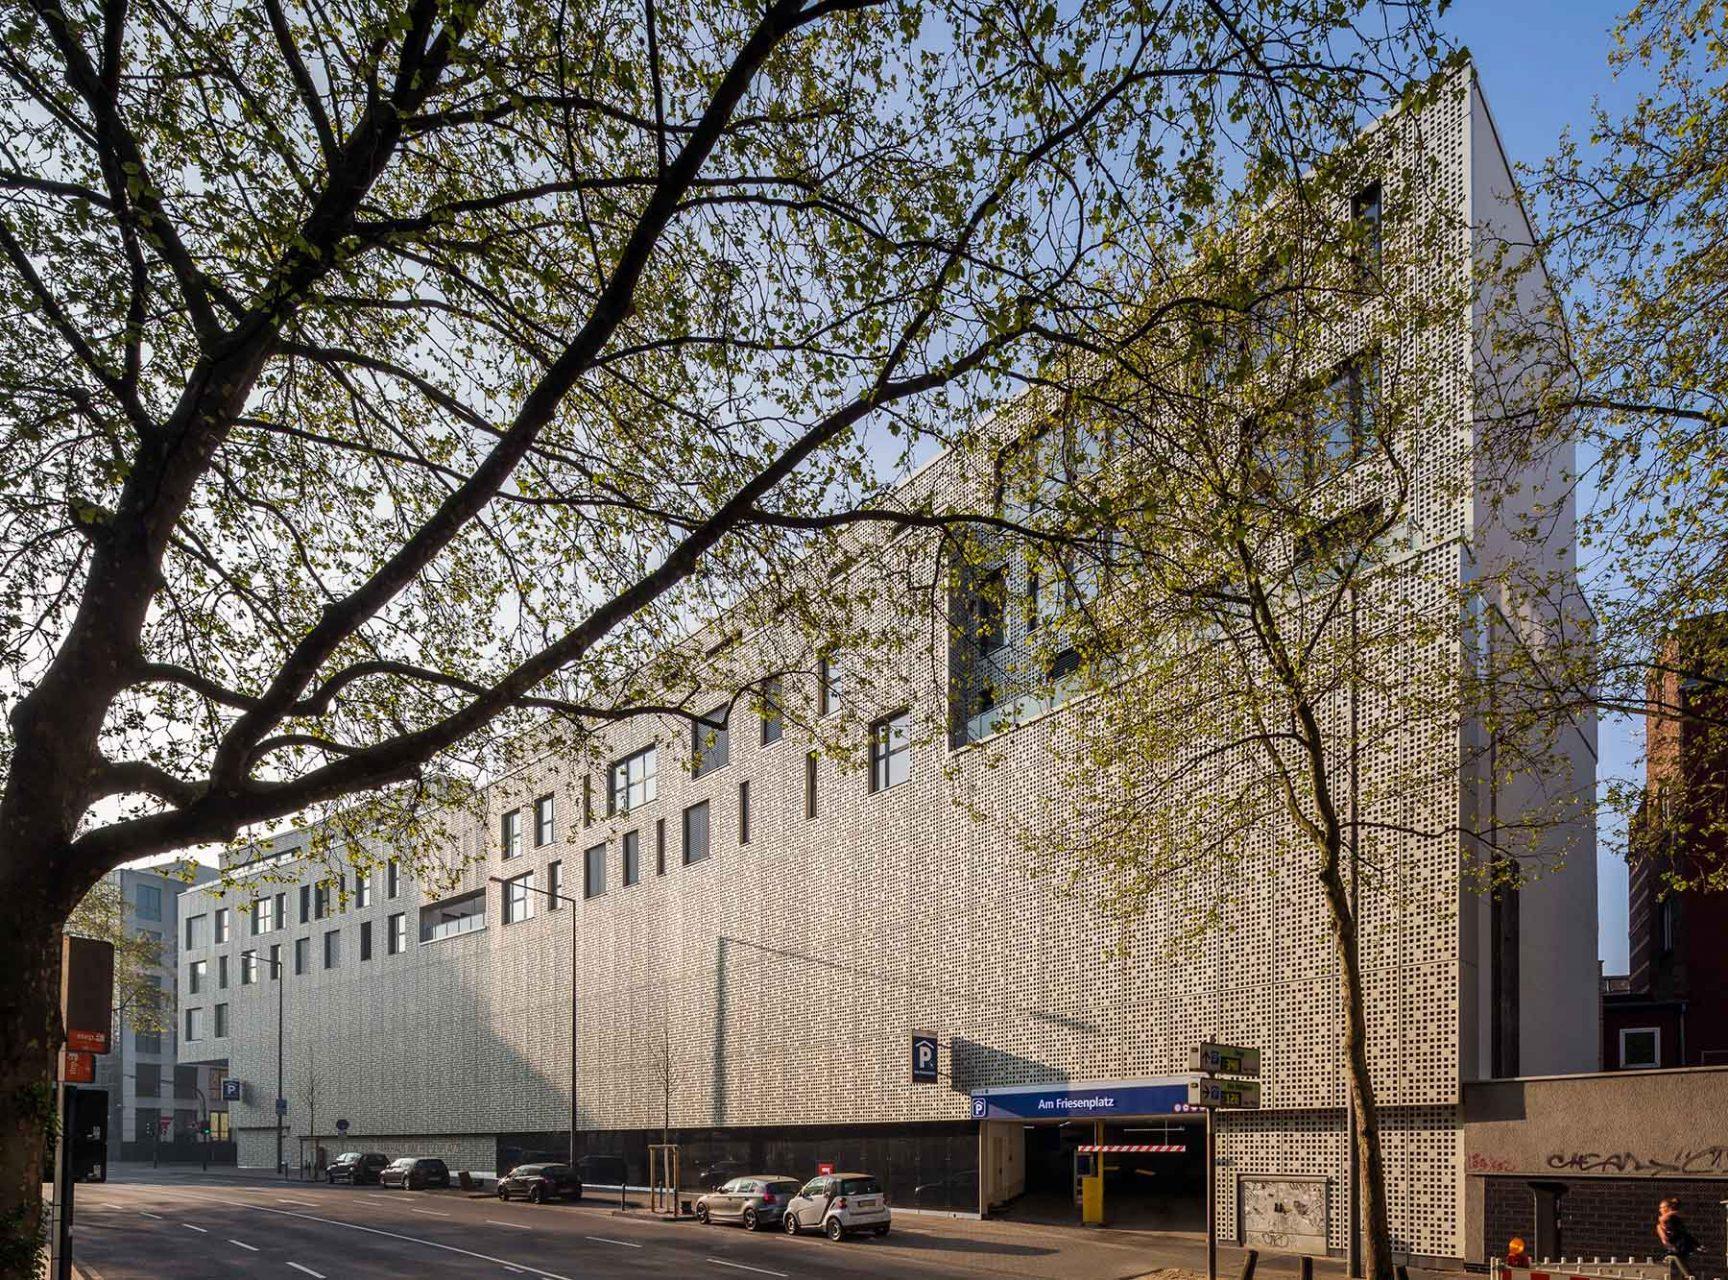 Magnus 31. Für die Metropol Immobilien und Beteiligungs GmbH und WvM Immobilien + Projektentwicklung GmbH entwickelte Wilkin & Hanrath Bauphasen ein Architekturkonzept, das ...